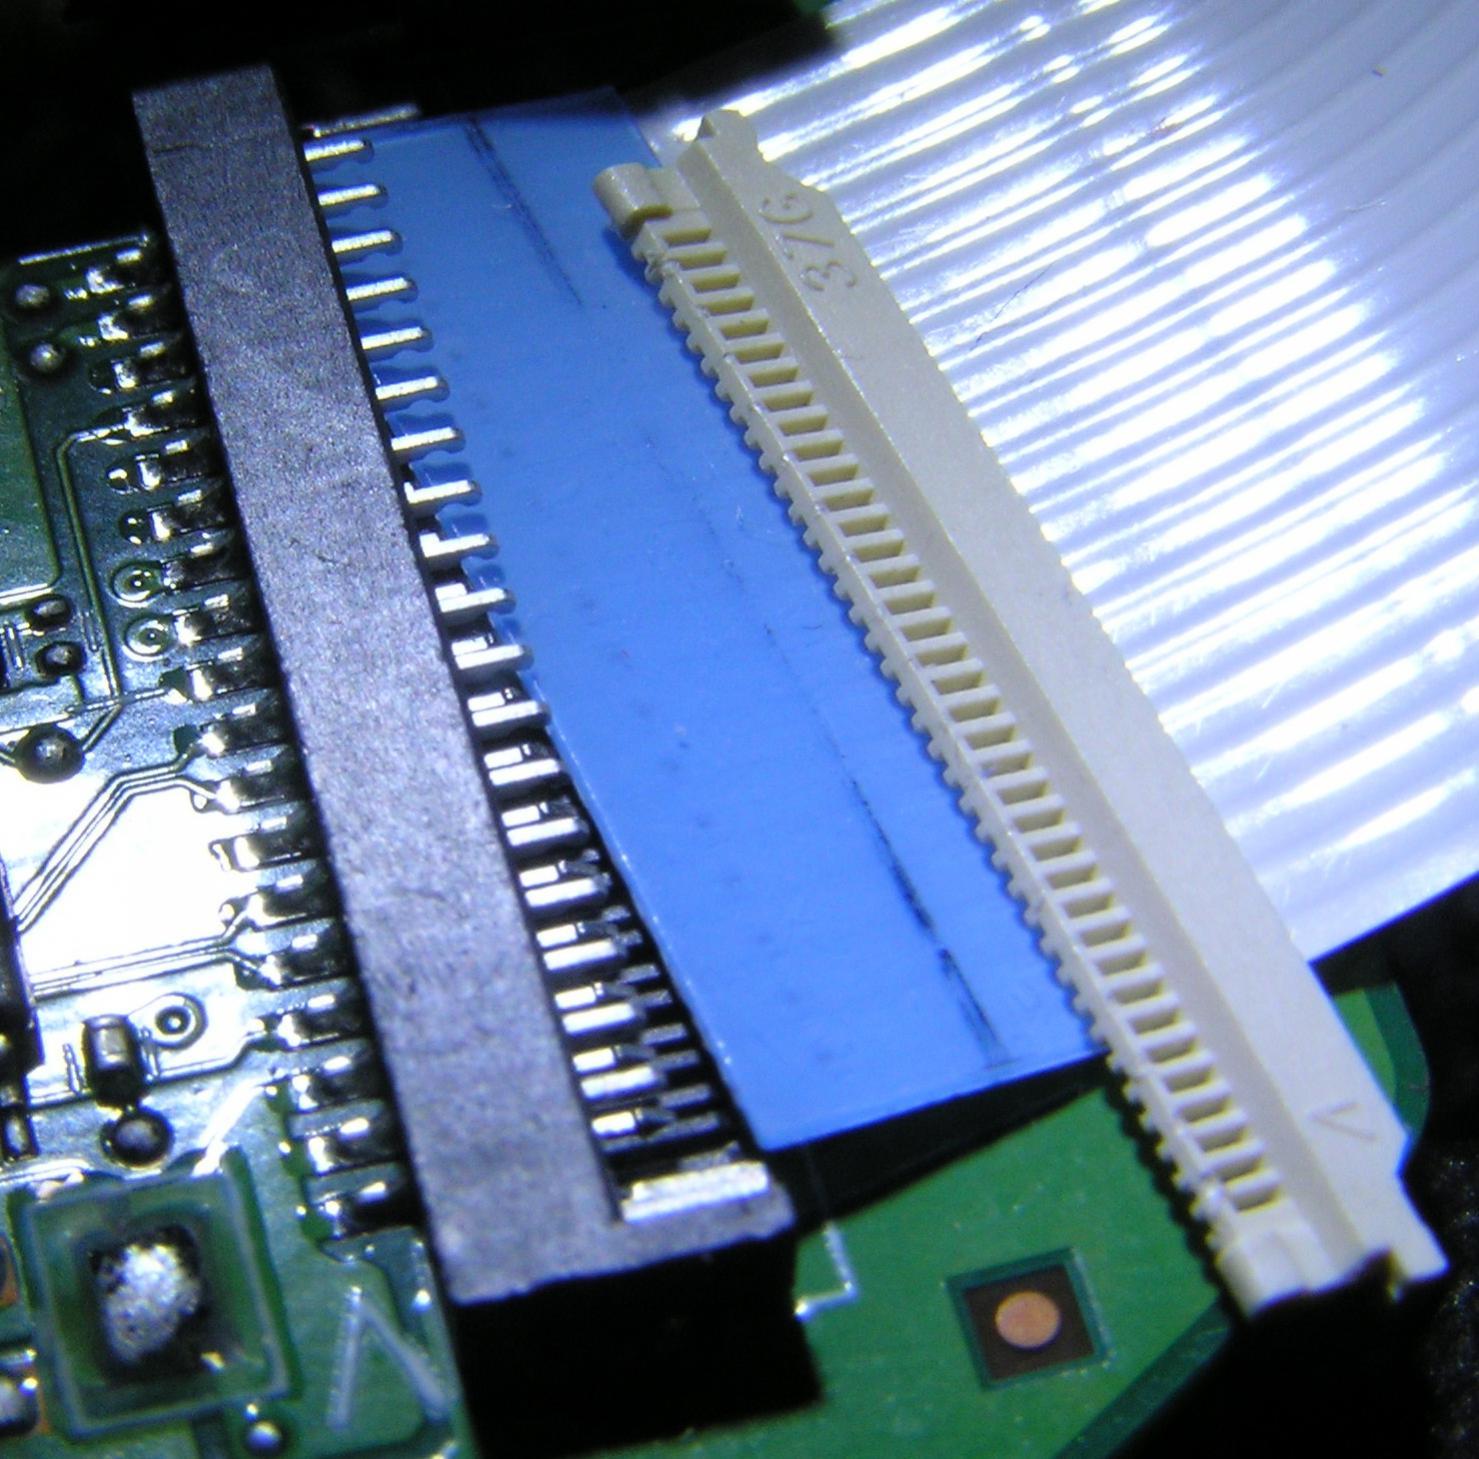 Flachbandkabel wieder montieren   ComputerBase Forum